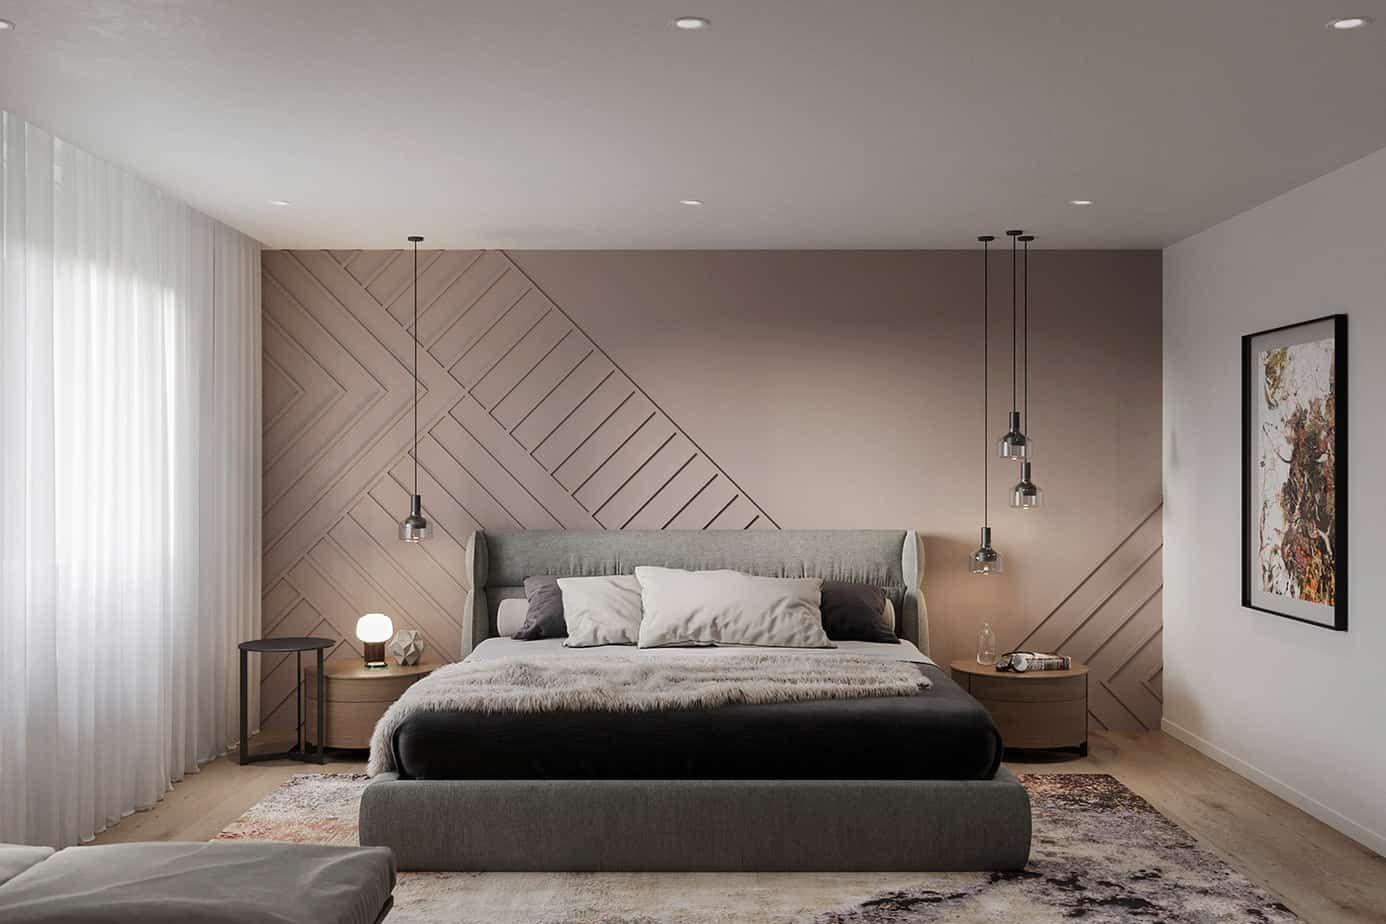 Bedroom Design 2021 Above Bed Hanging Pendants Interior Design Bedroom Bedroom Interior Bedroom Pop Design